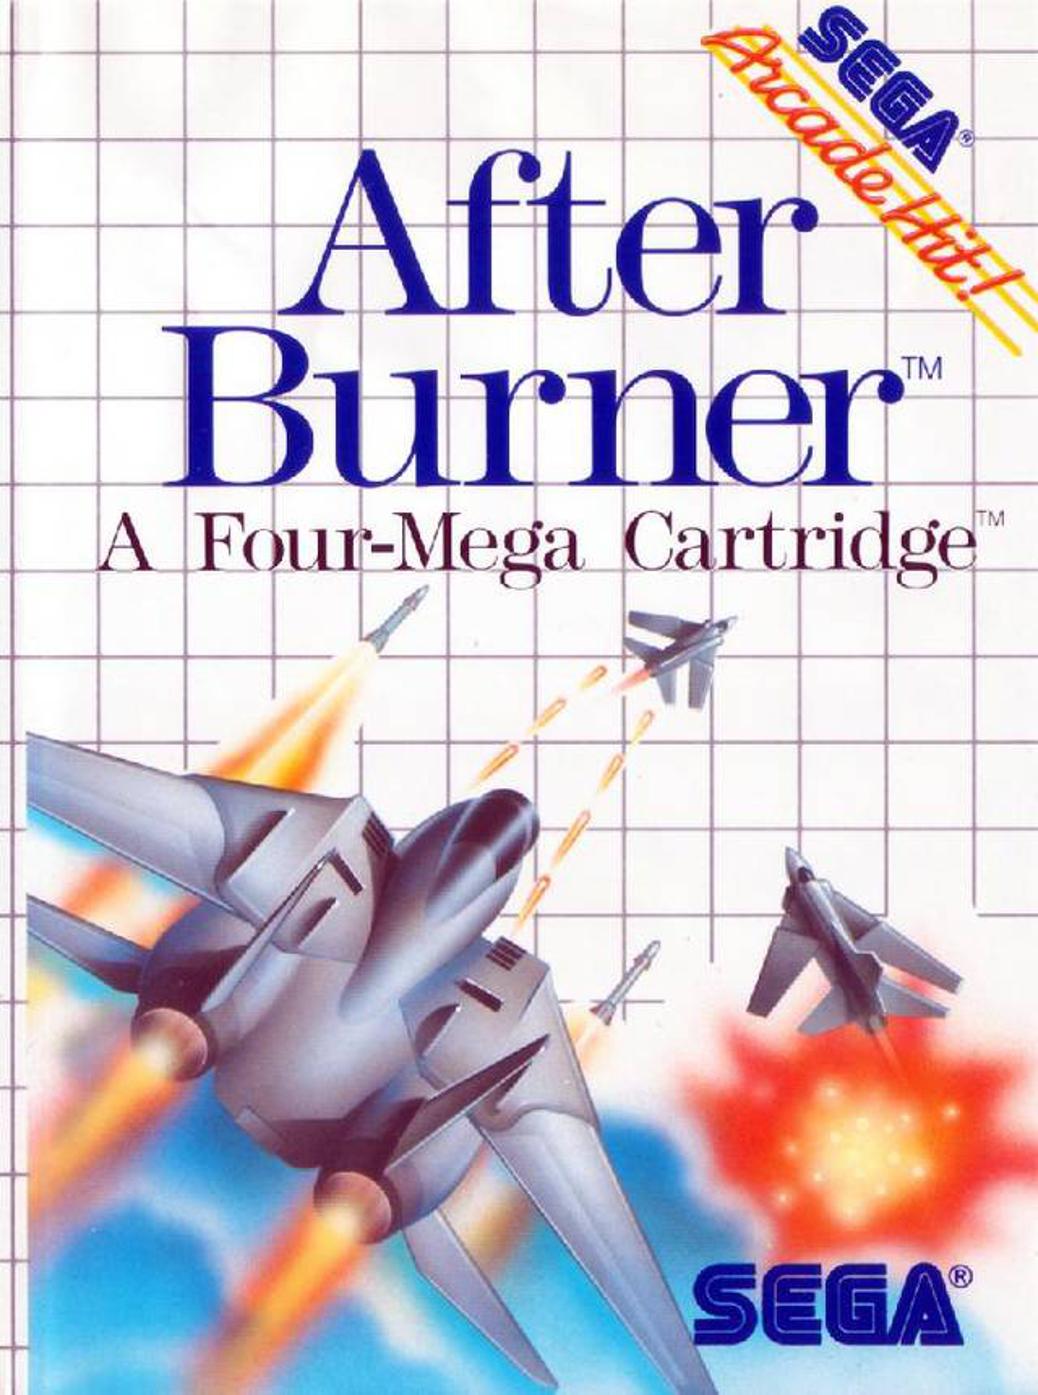 After Burner - Sega Master System - Box Art